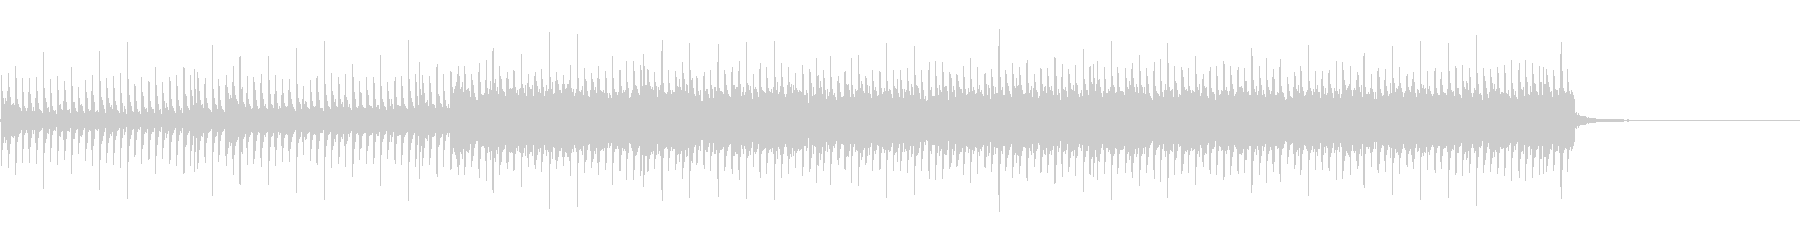 勢いのあるBGMの未再生の波形